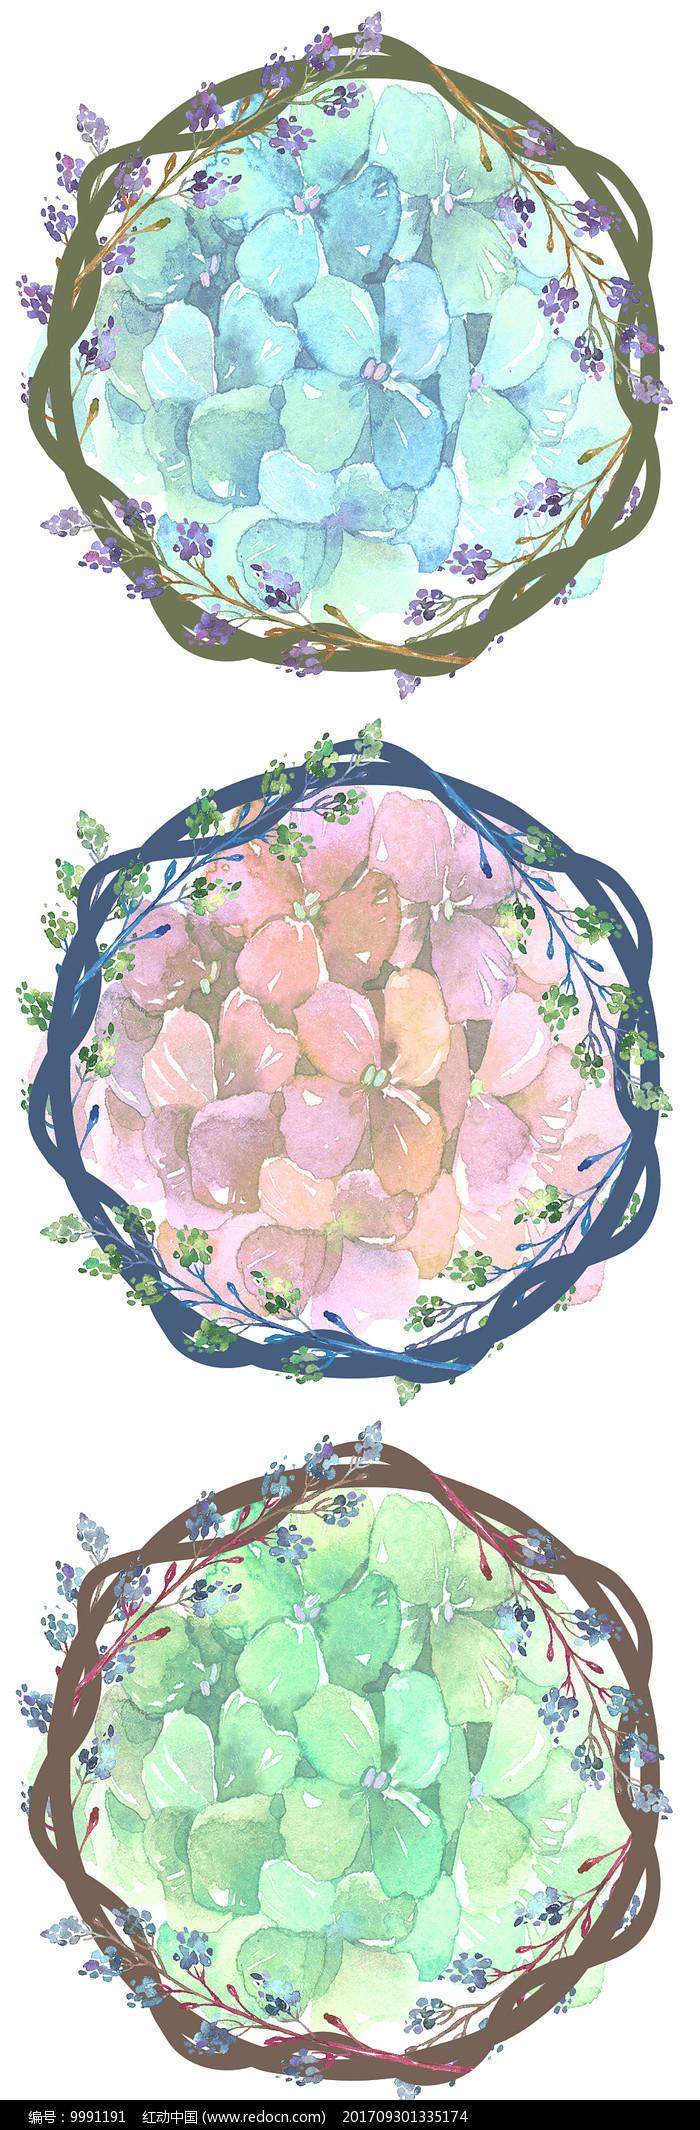 北欧小清新花藤花圈边框图案图片